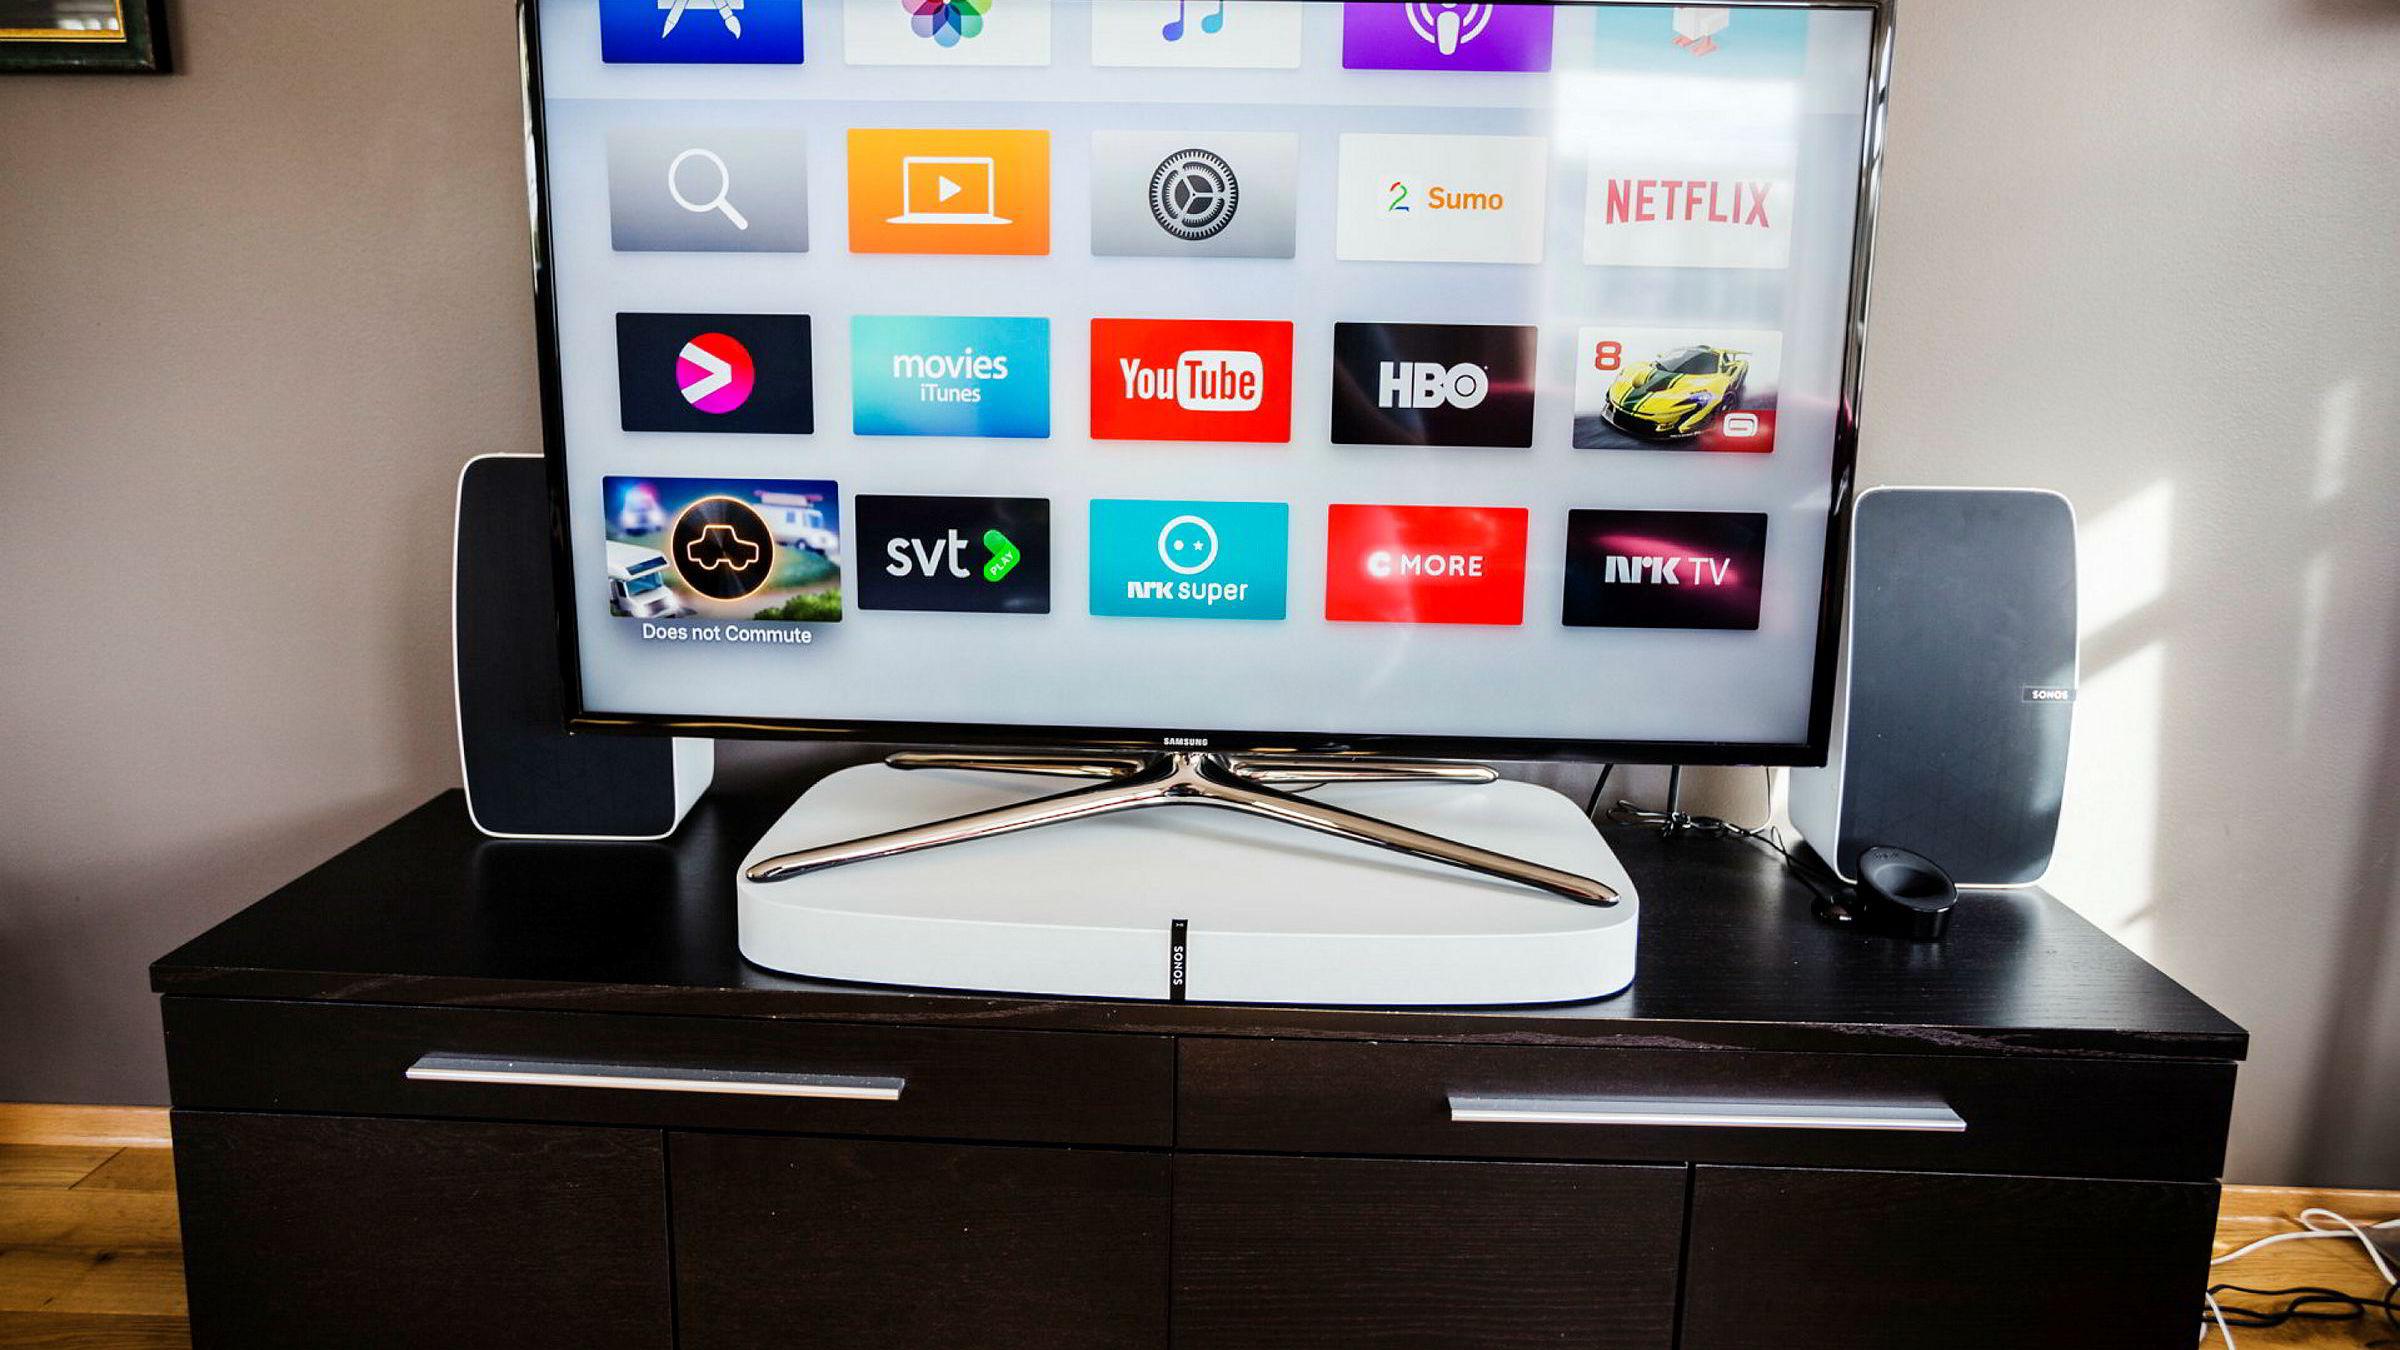 Sonos Playbase gir kraftigere og mer fyldig lyd enn de fleste lydplanker, selv uten egen subwoofer. Men hvor godt den passer i stuen avhenger veldig av farge og form på tv og tv-møbel.